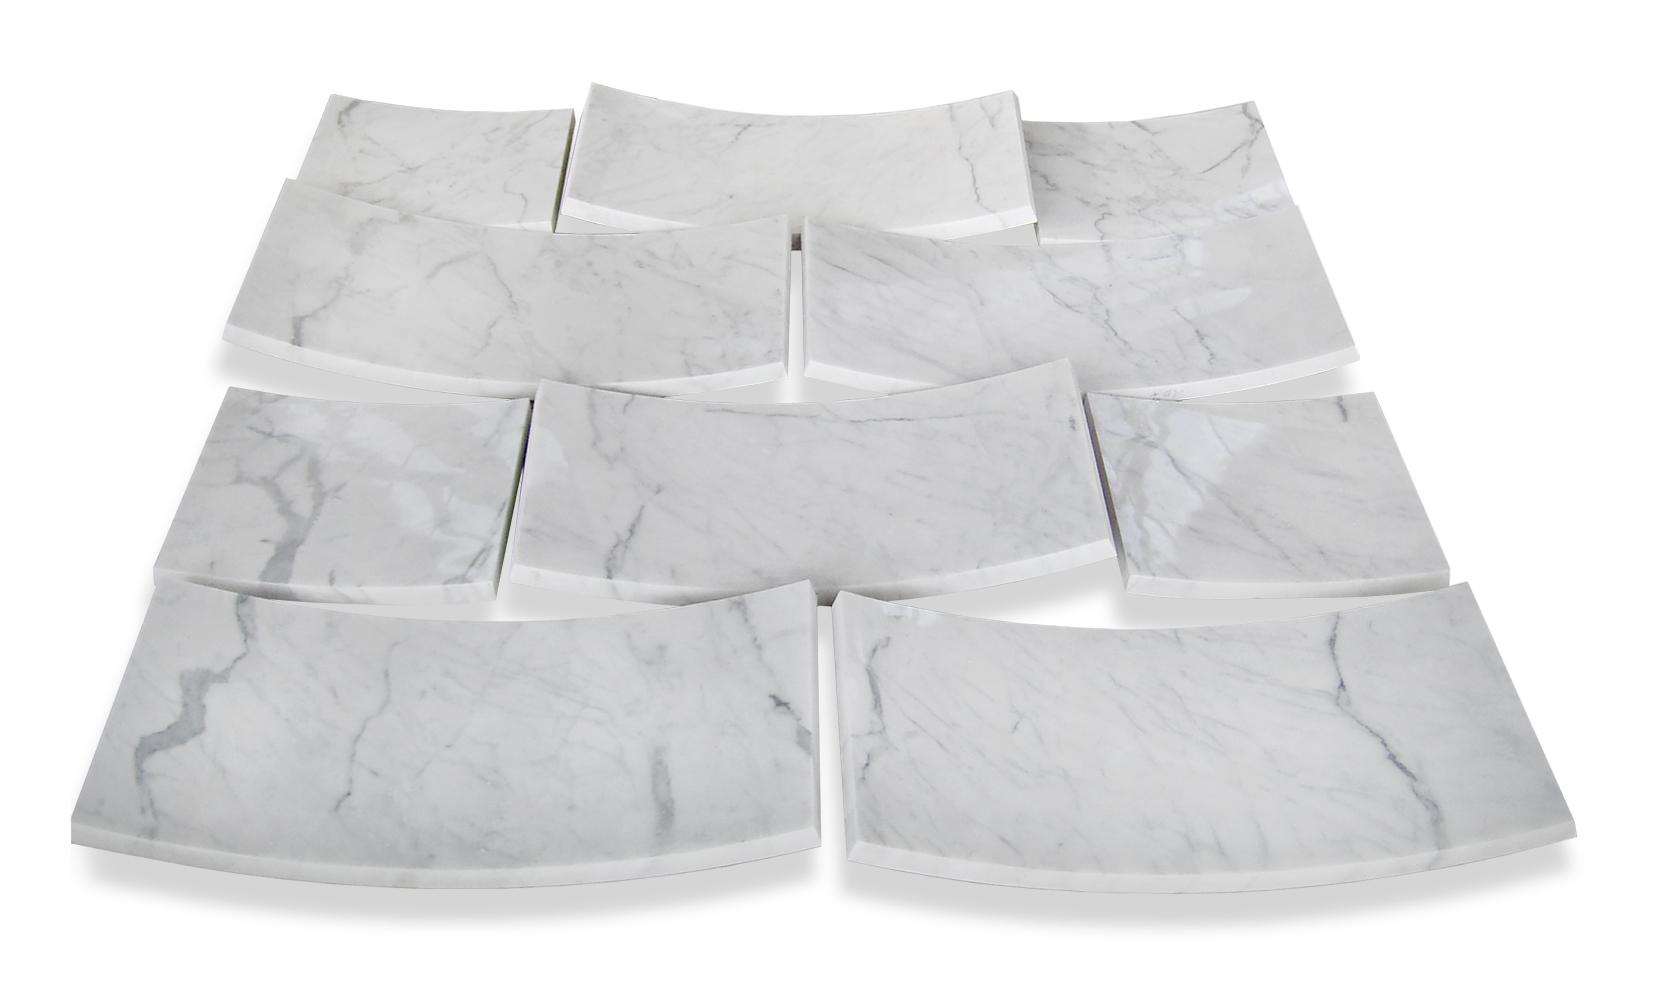 lavorazione concava marmo